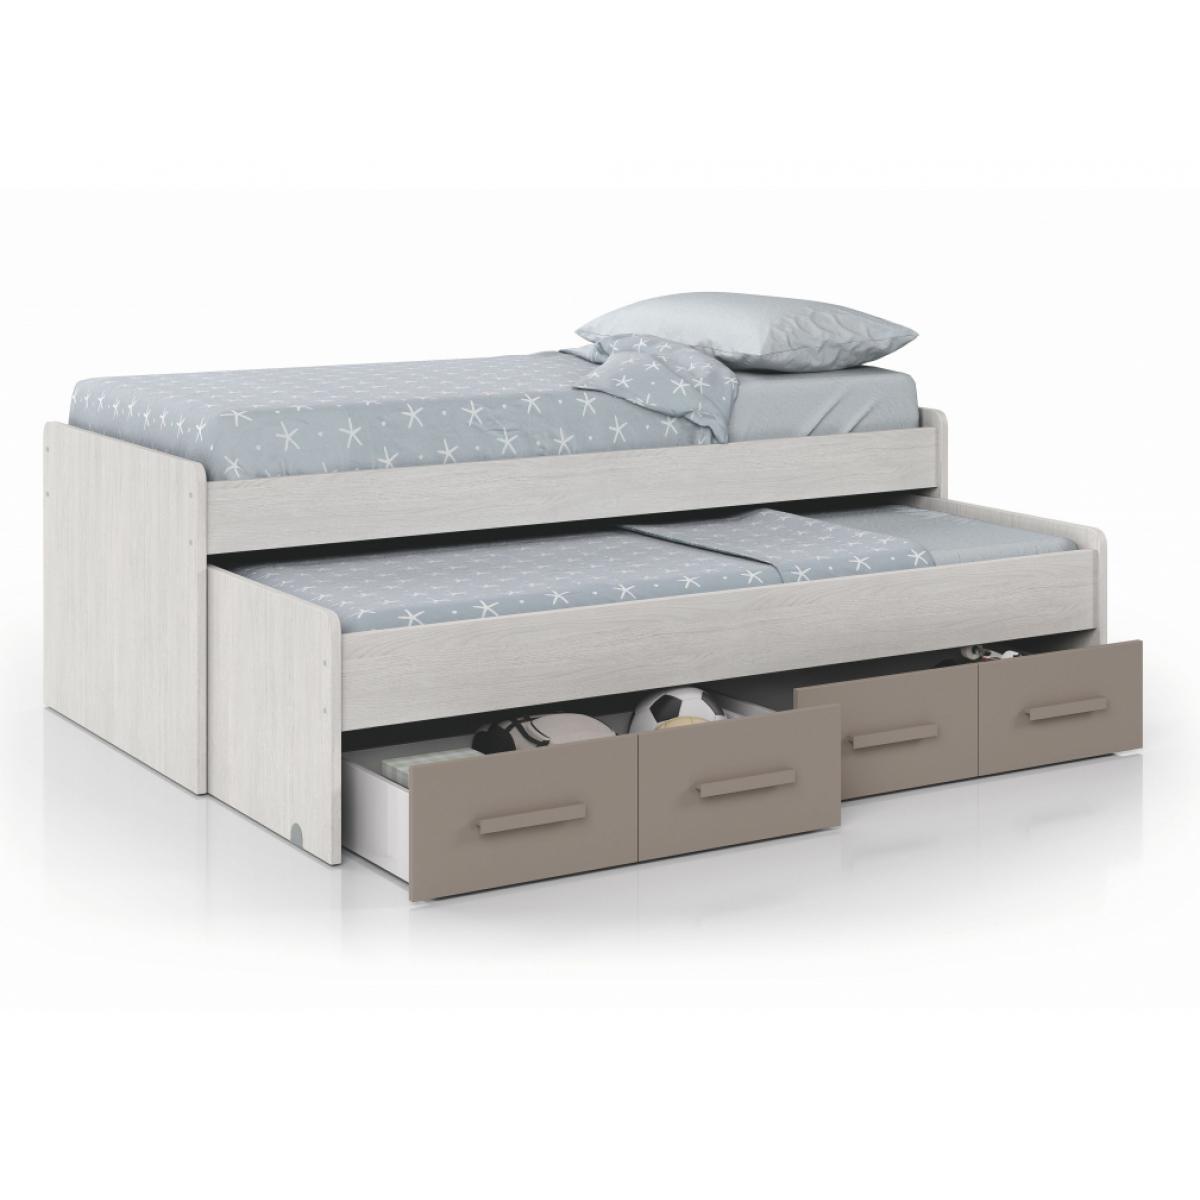 Usinestreet Lit Gigogne MAUD avec sommier inclus (190x90-180x90) et 2 tiroirs de rangement - Taupe, Largeur - 90 cm